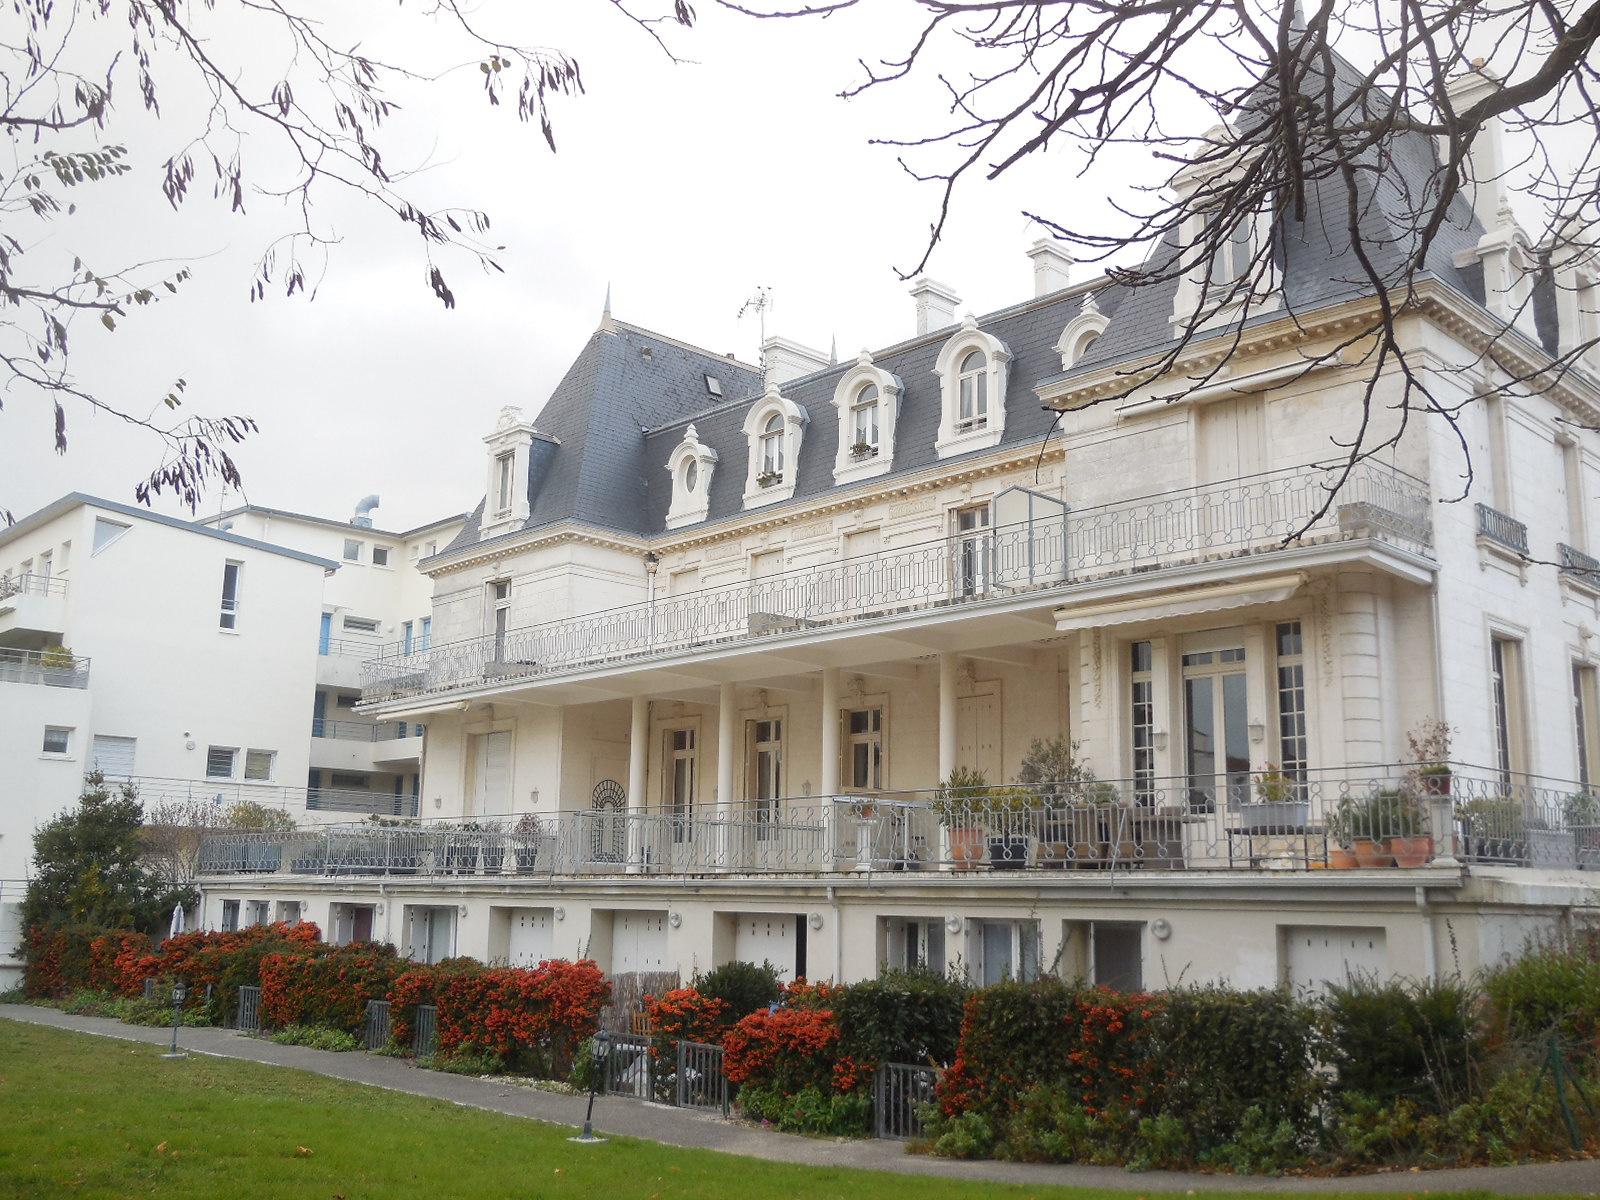 appartement la rochelle LA ROCHELLE - QUARTIER HAUT DE LA GENETTE